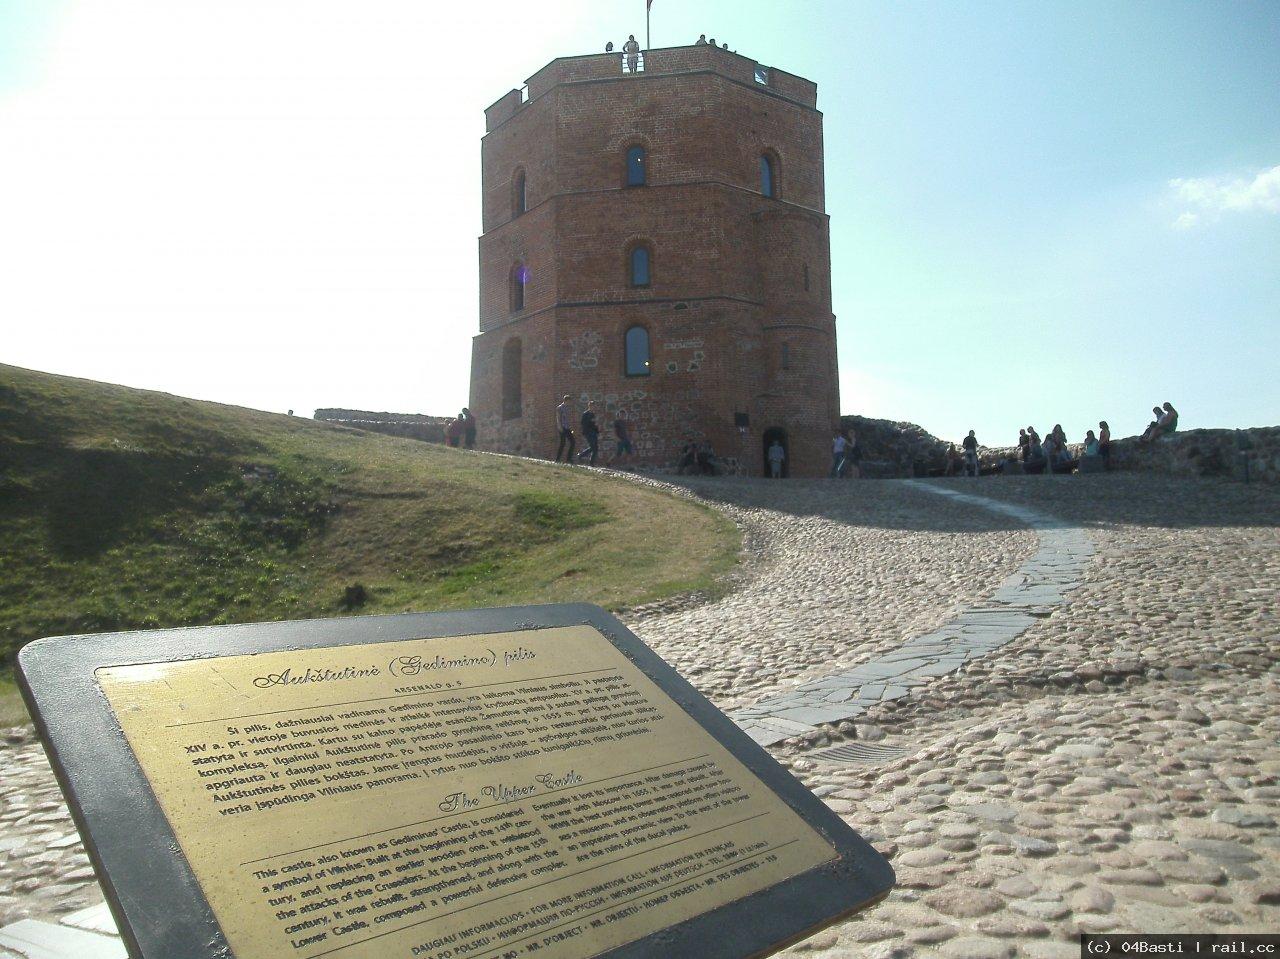 Gediminas Turm Railcc